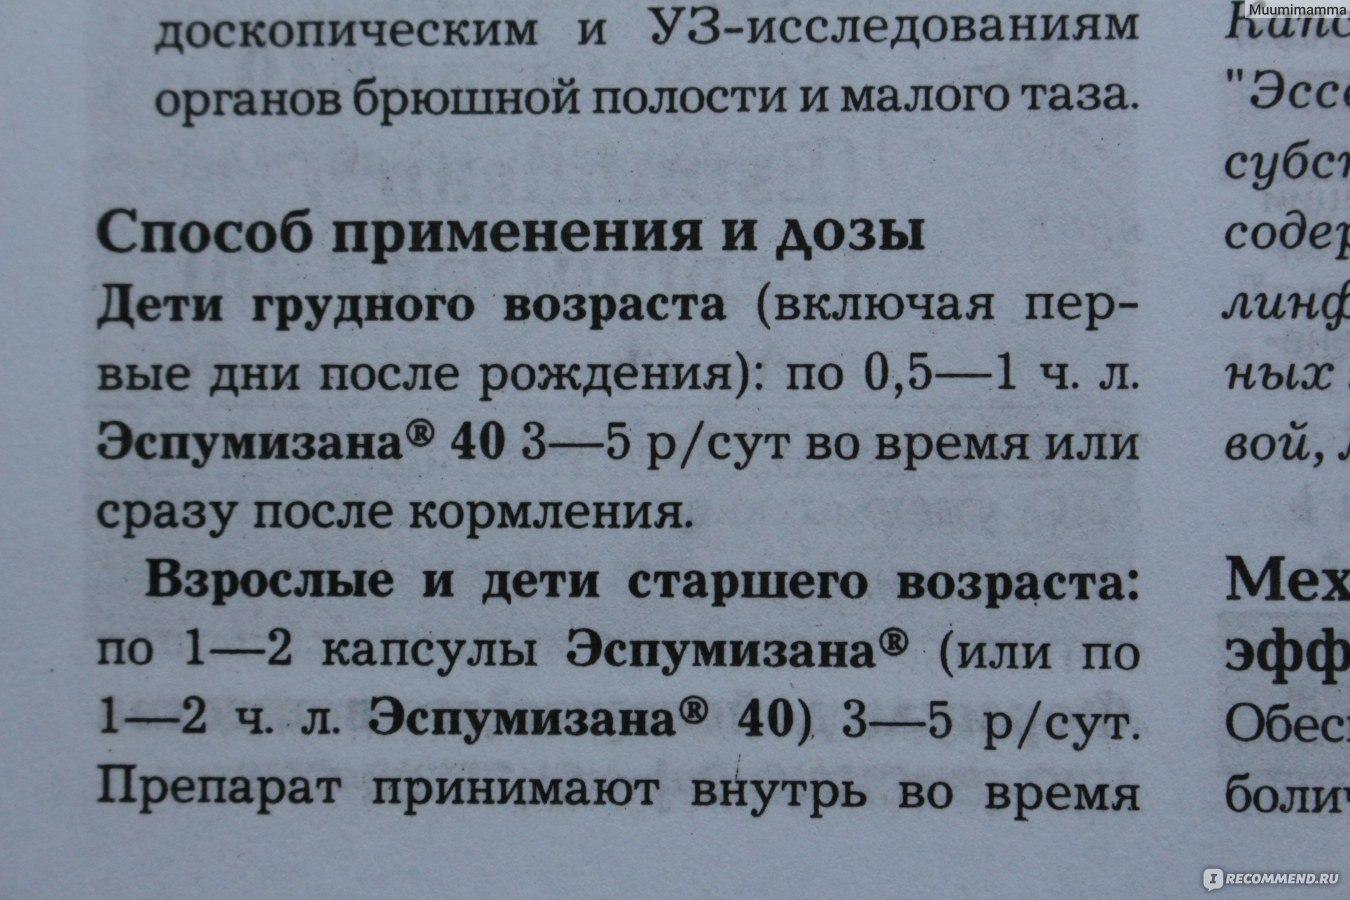 Эспумизан: инструкция по применению, аналоги и отзывы, цены в аптеках россии